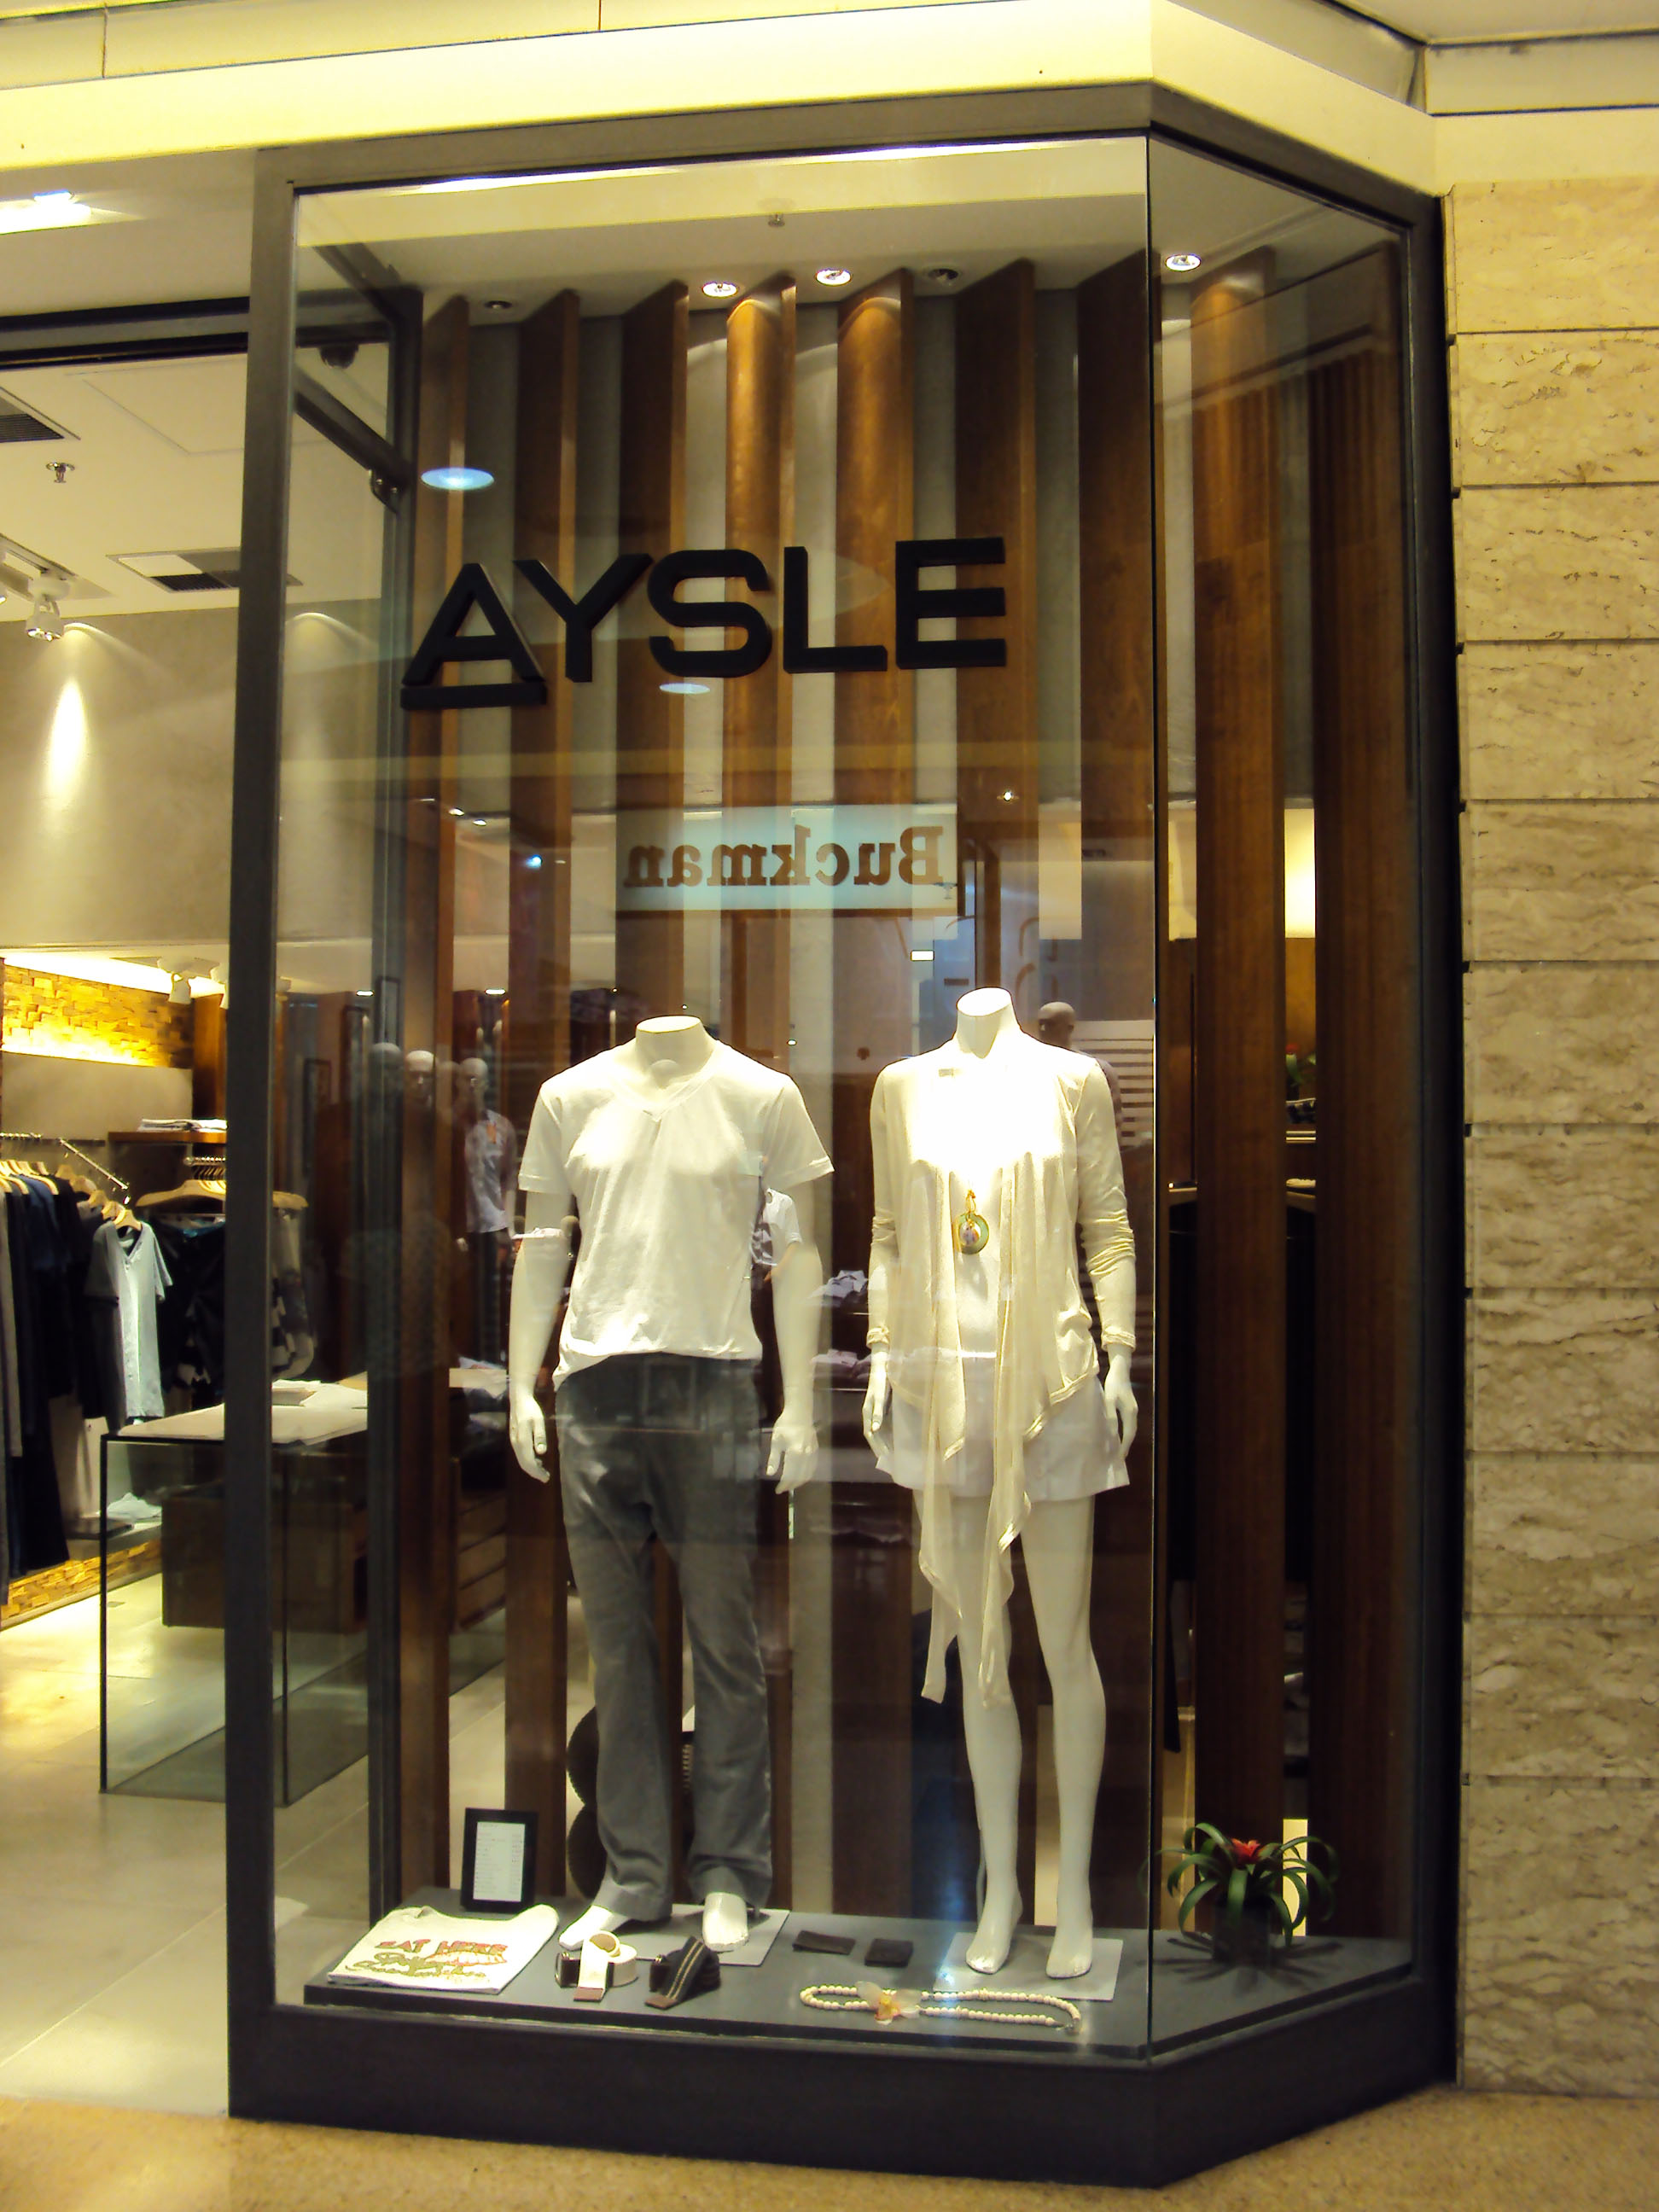 Aysle